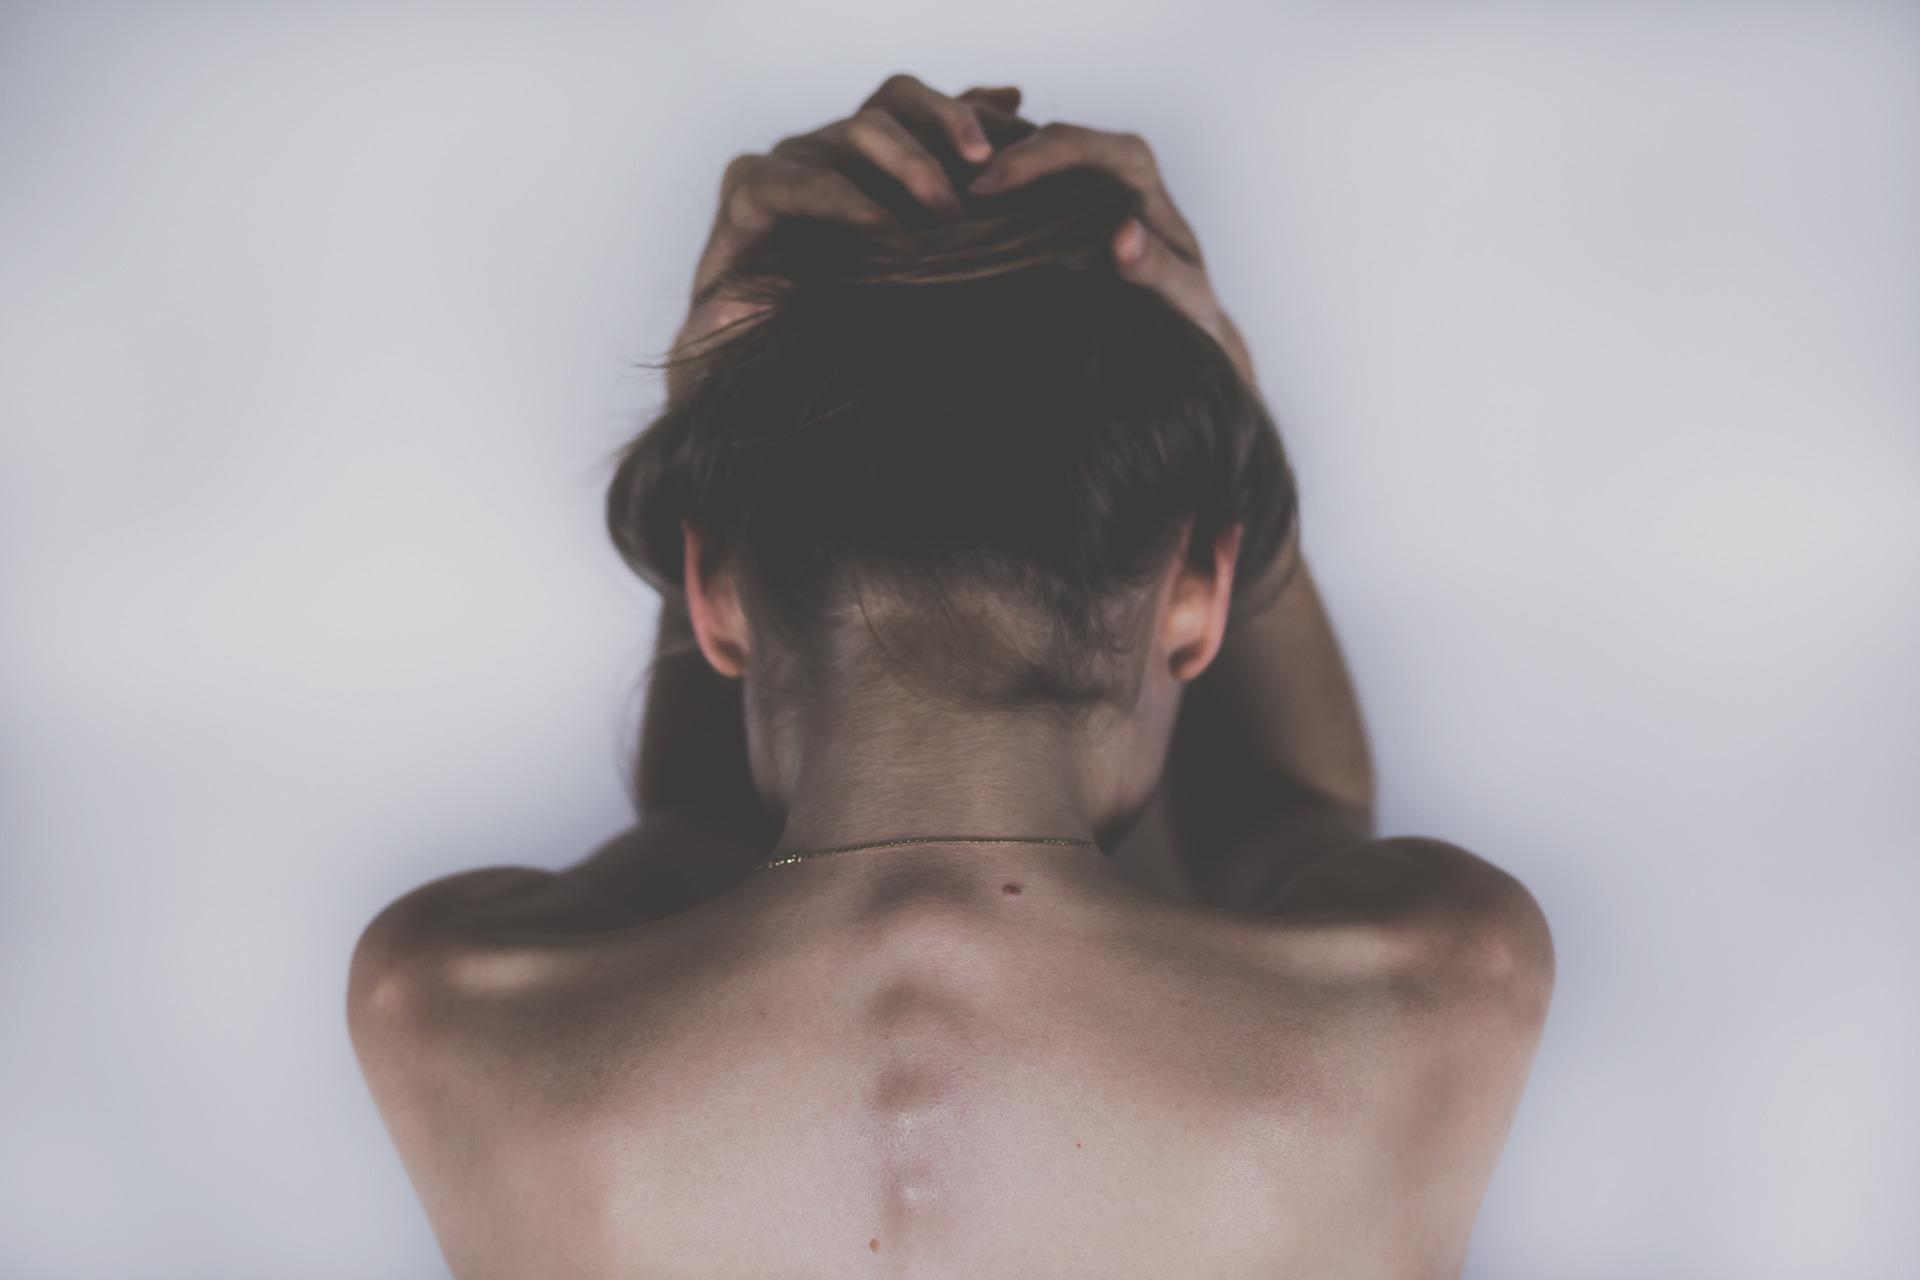 woman holding head due to headache